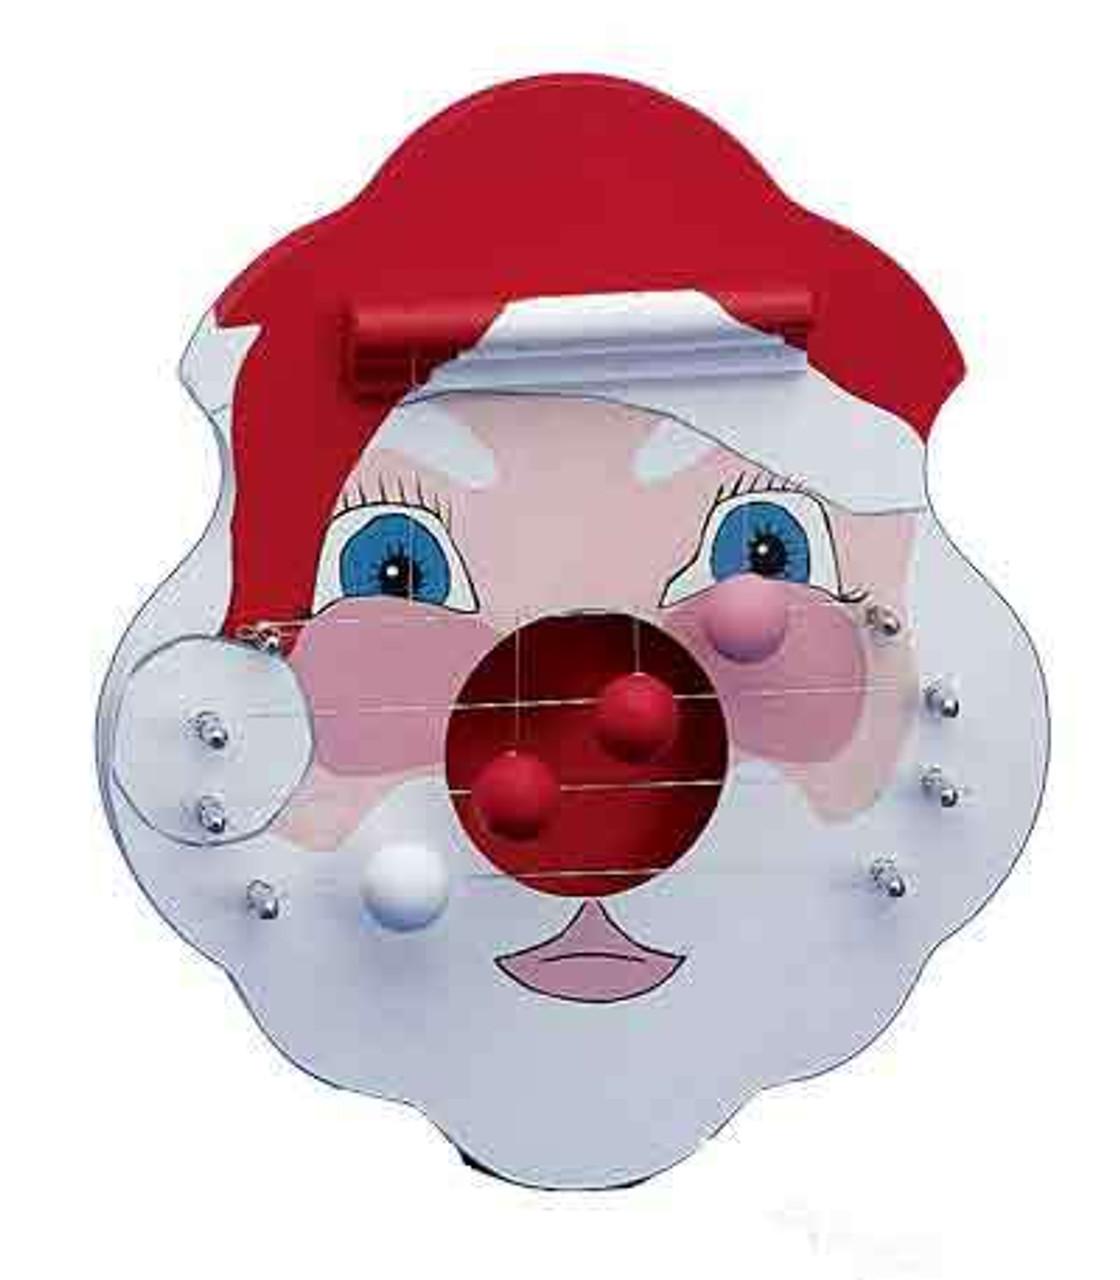 Cherry Tree Toys Santa Door Harp Ready to Assemble Kit